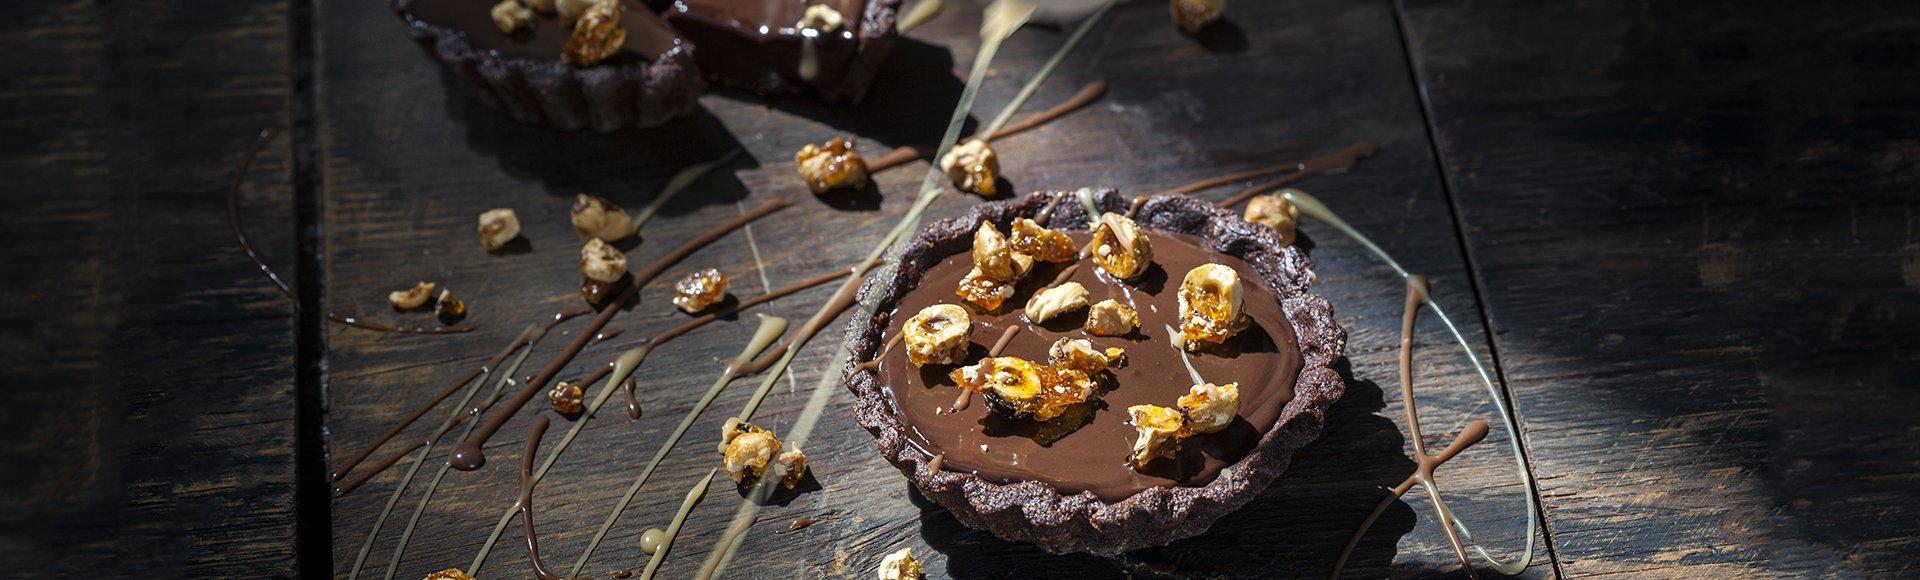 Τάρτα με σοκολατένια ζύμη και γέμιση και καραμελωμένα φουντούκια